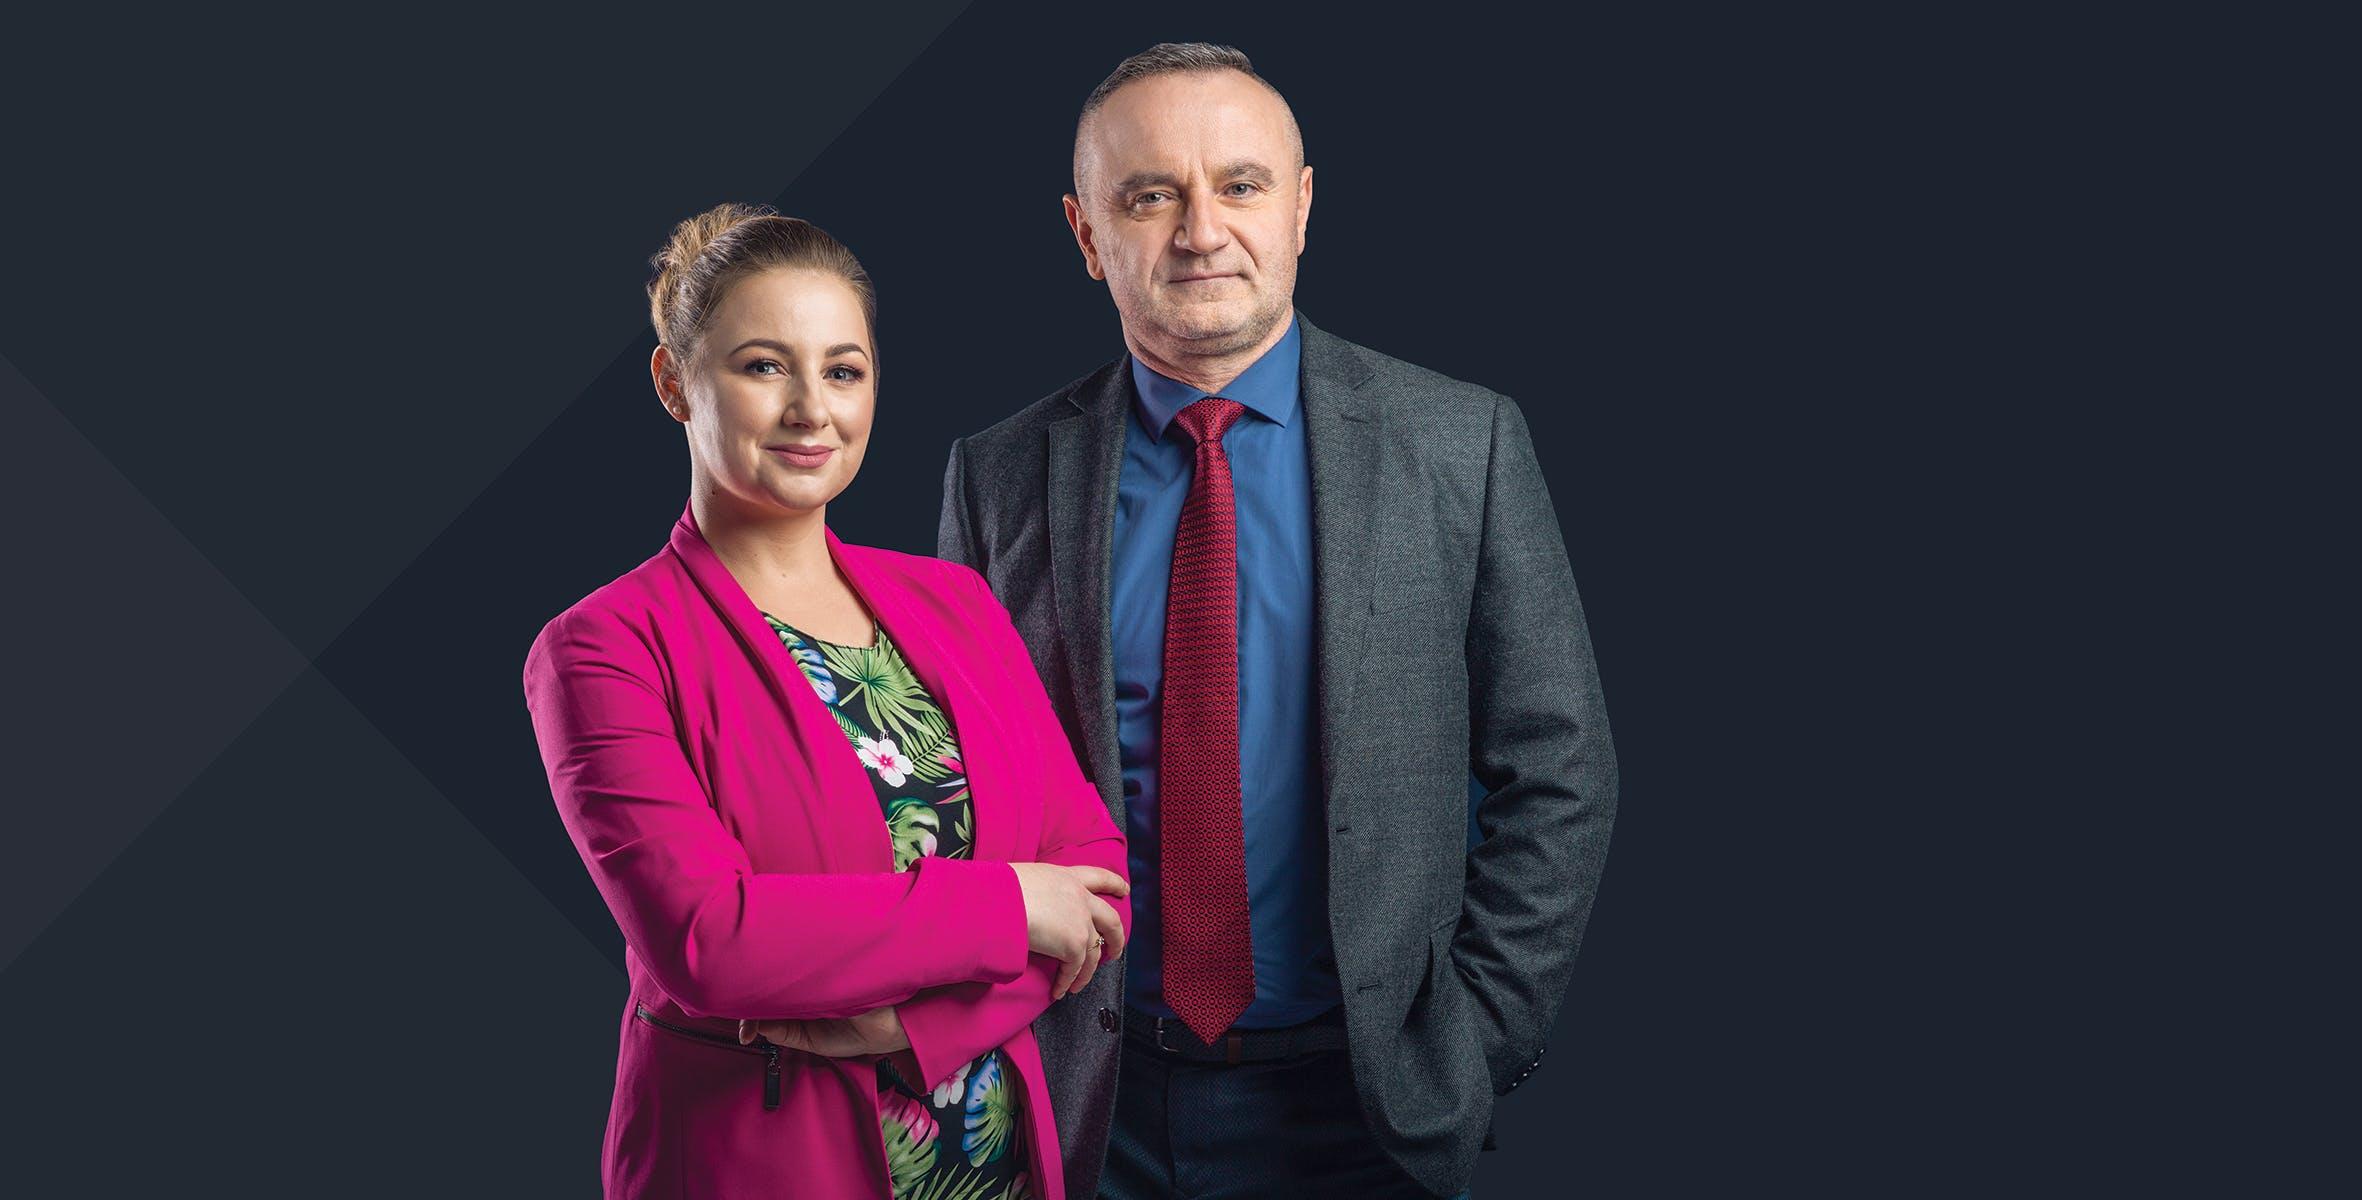 Lider Nieruchomości Otodom 2020, województwo lubuskie: Skorecki Nieruchomości